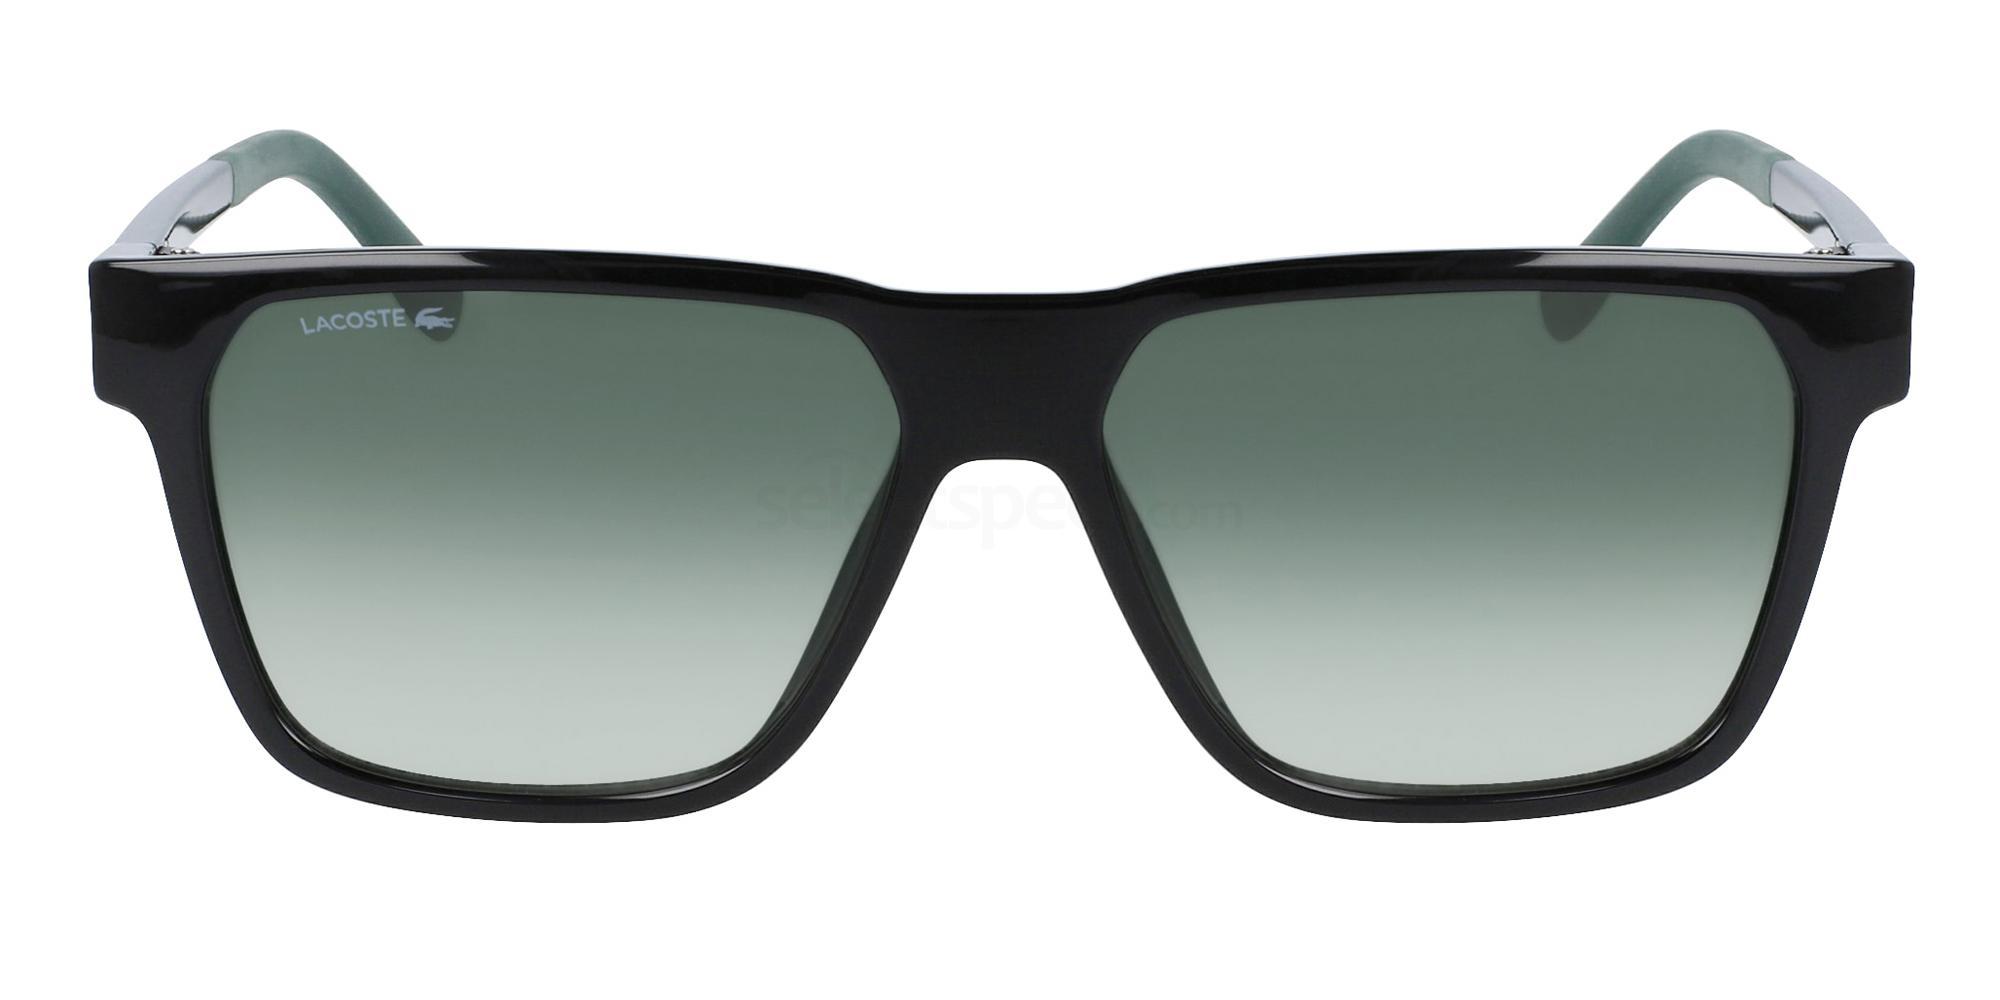 001 L934S Sunglasses, Lacoste